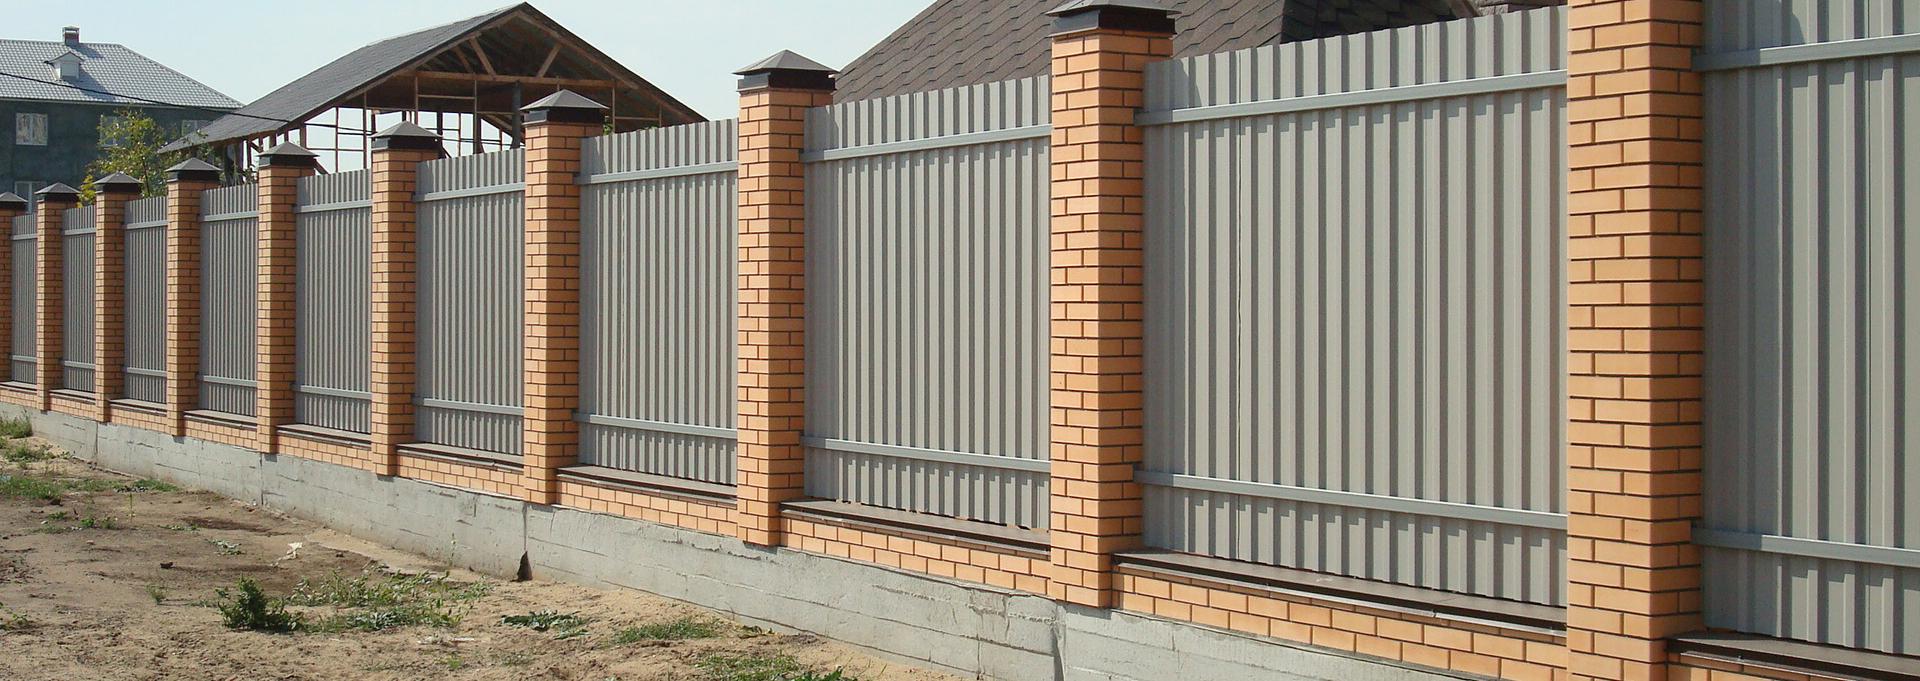 Забор из кирпича и металлопрофиля фото